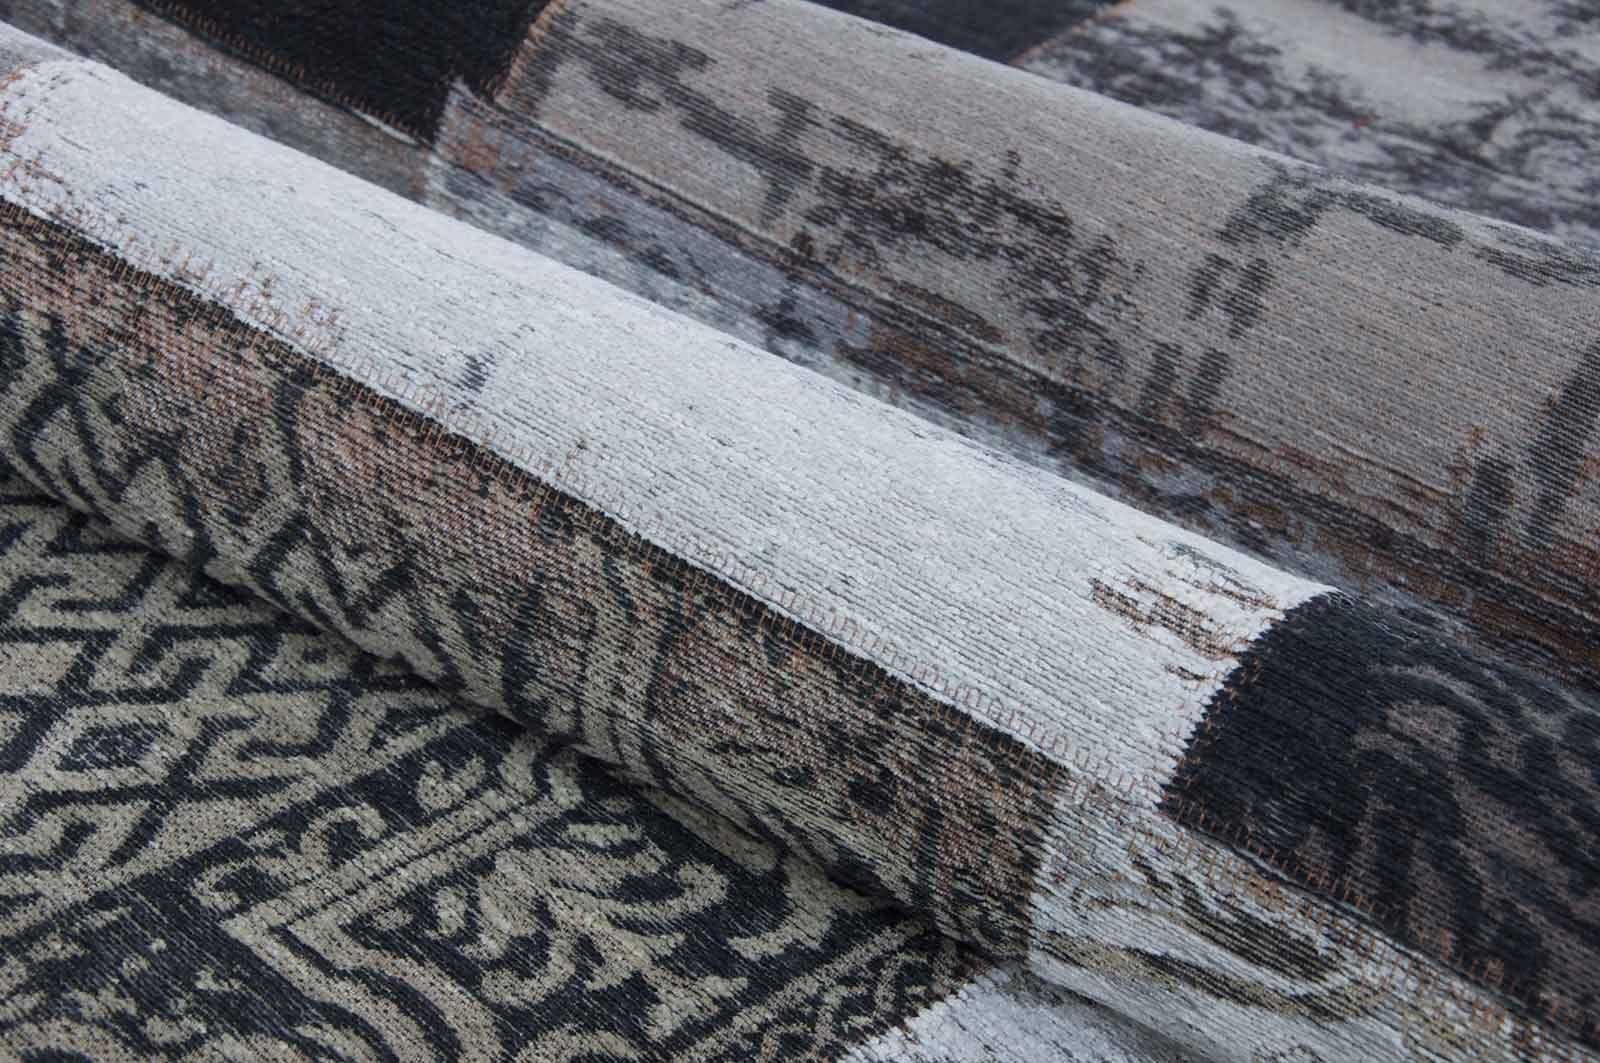 alfombras Louis De Poortere LX8101 Vintage Black White zoom